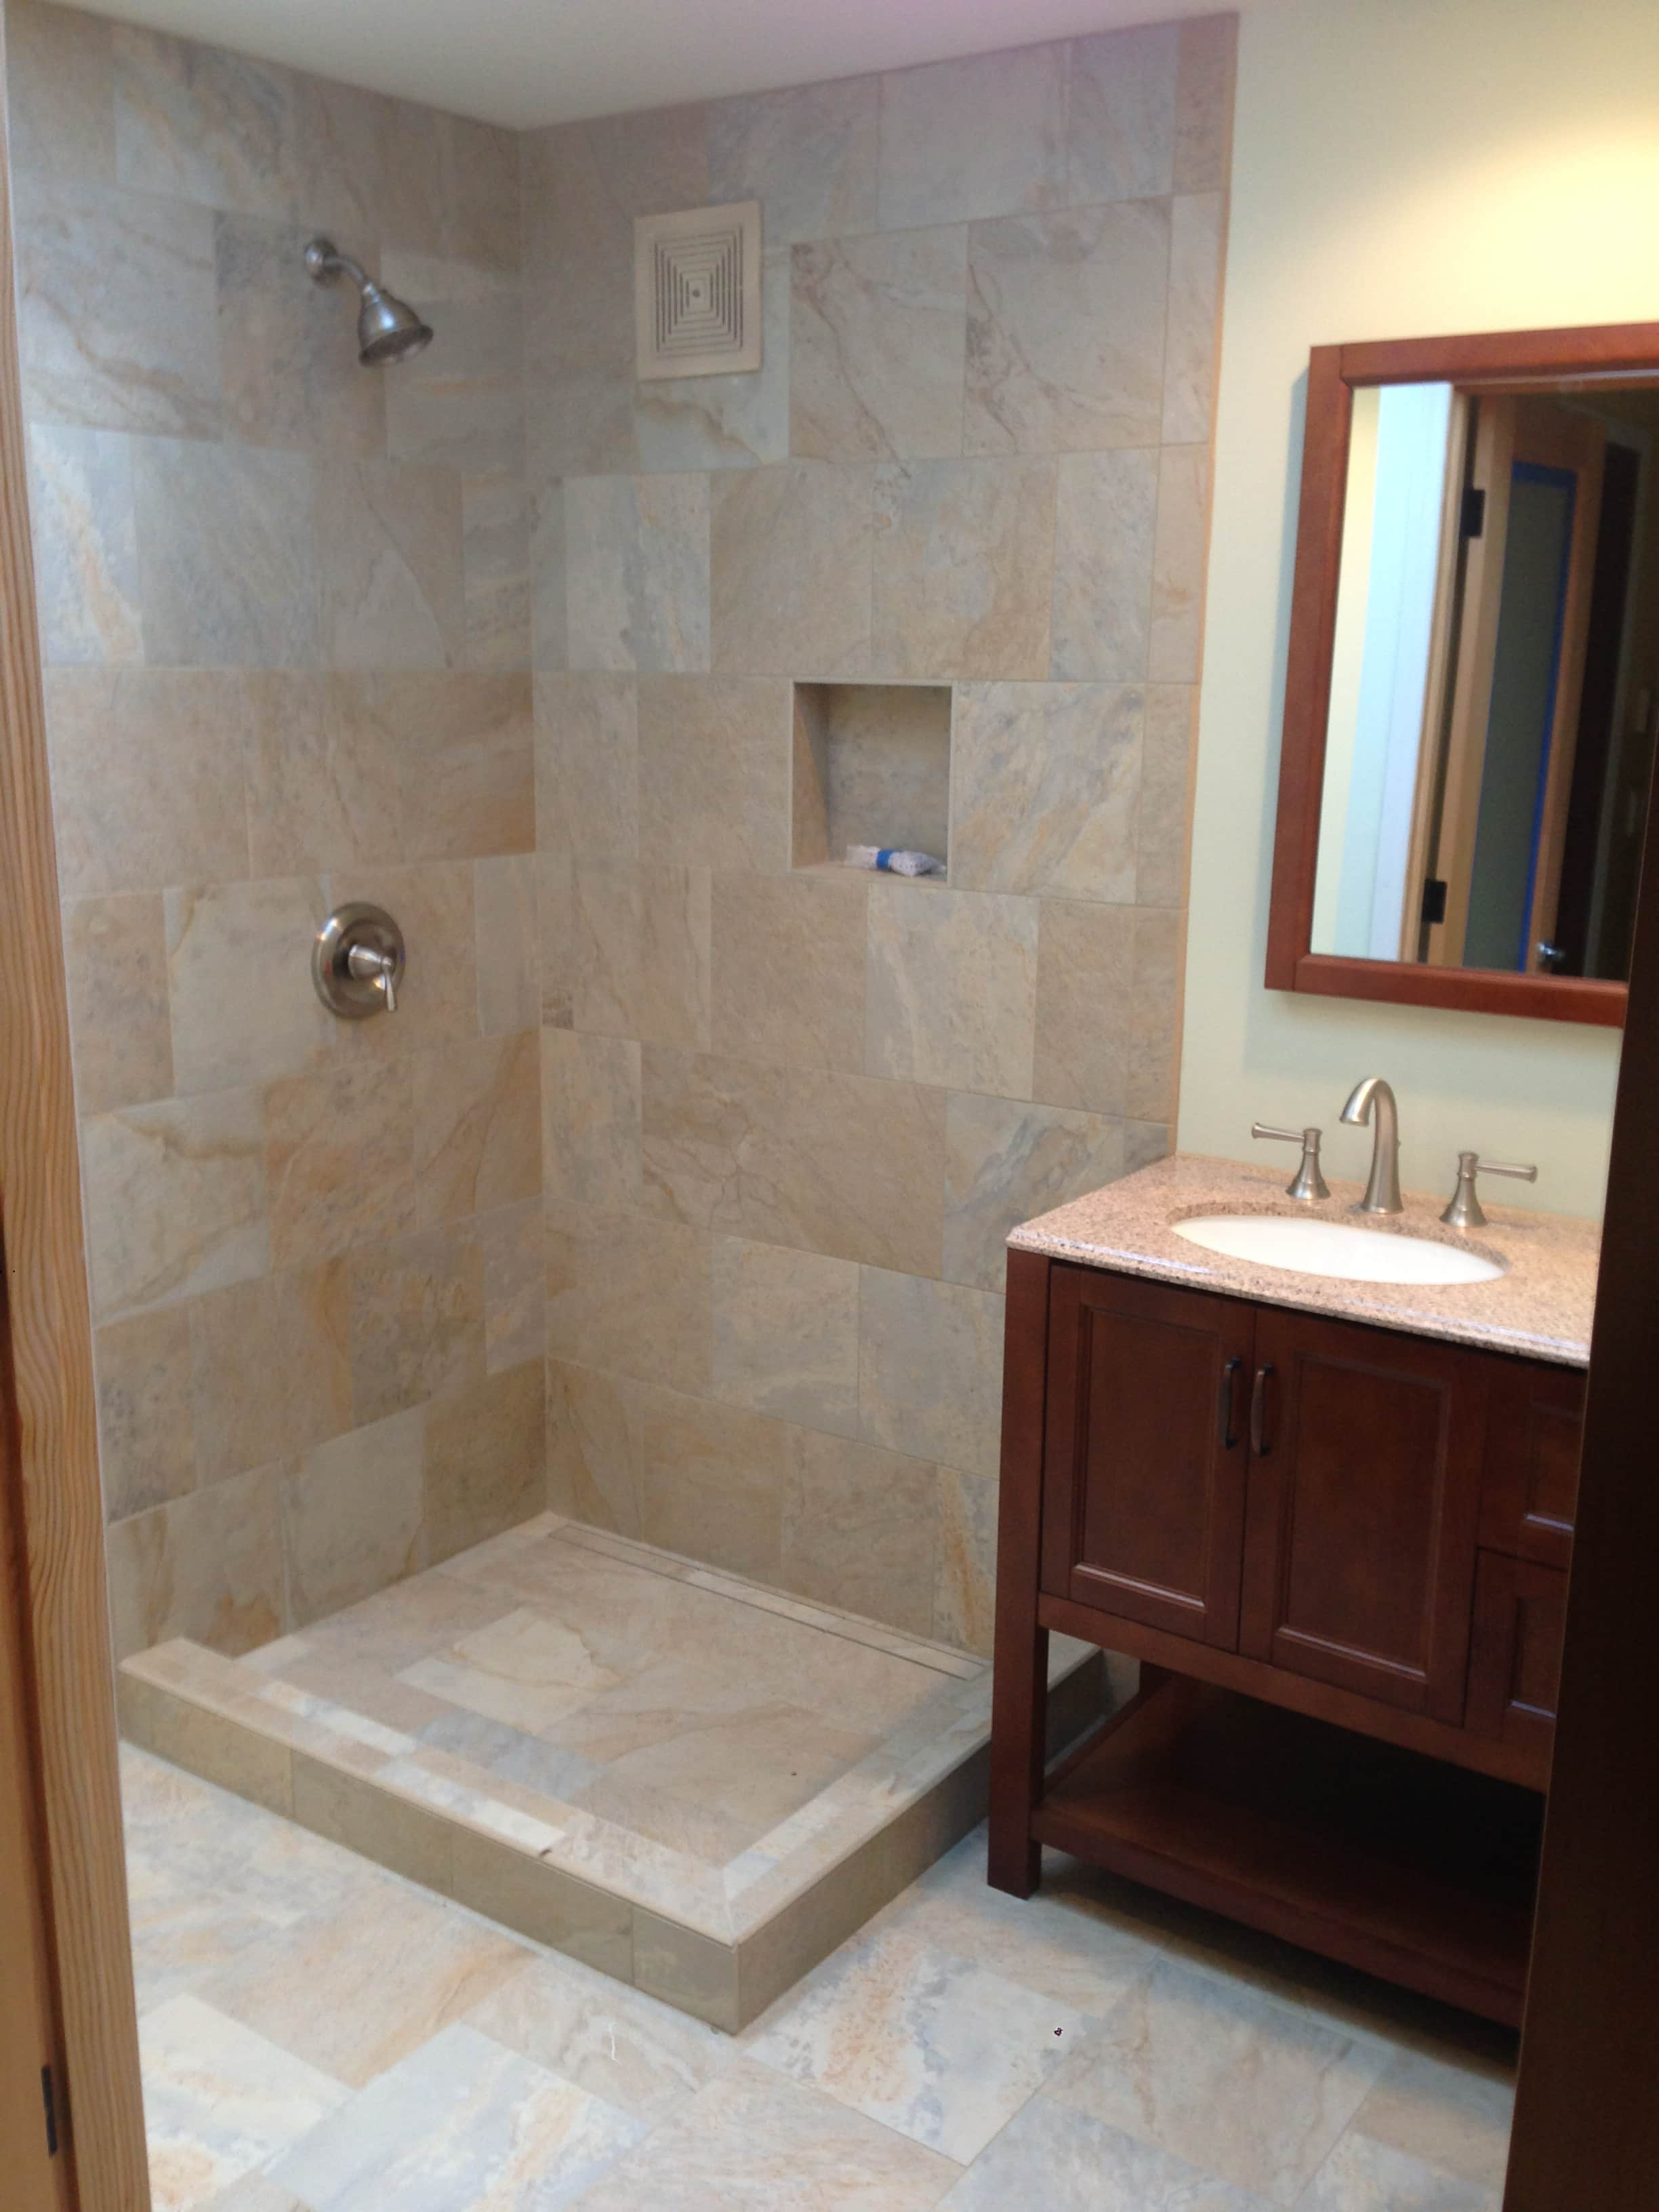 Floor To Ceiling Tile Shower